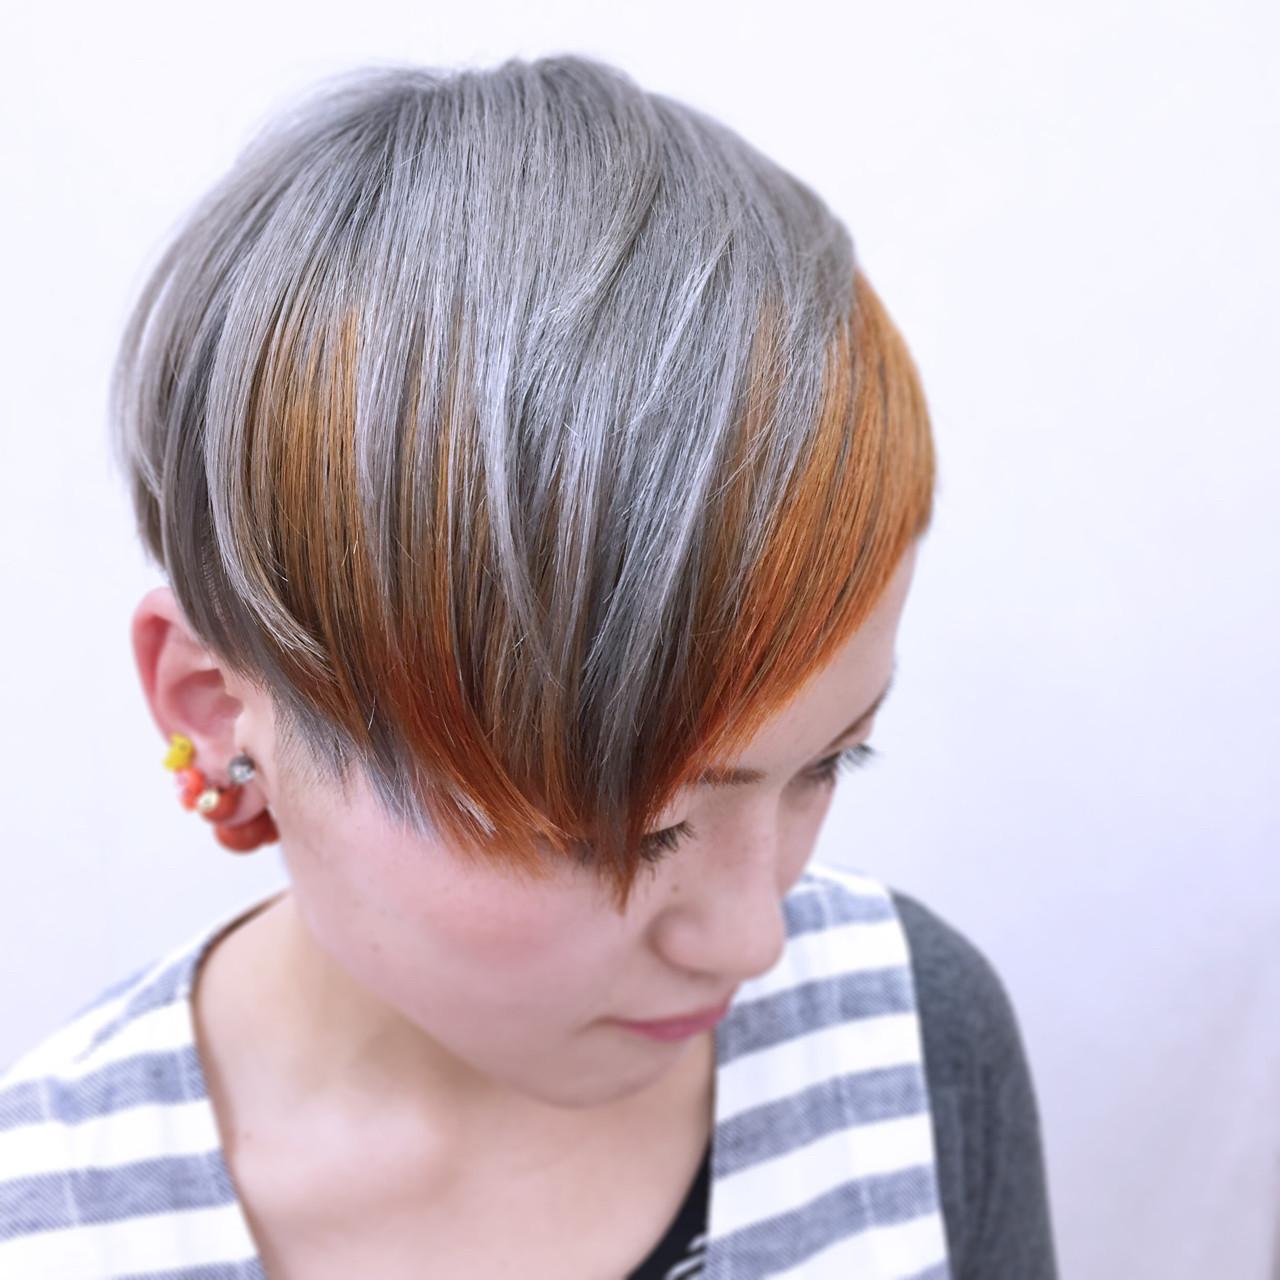 インナーカラー 大人かわいい ストリート ハイトーン ヘアスタイルや髪型の写真・画像